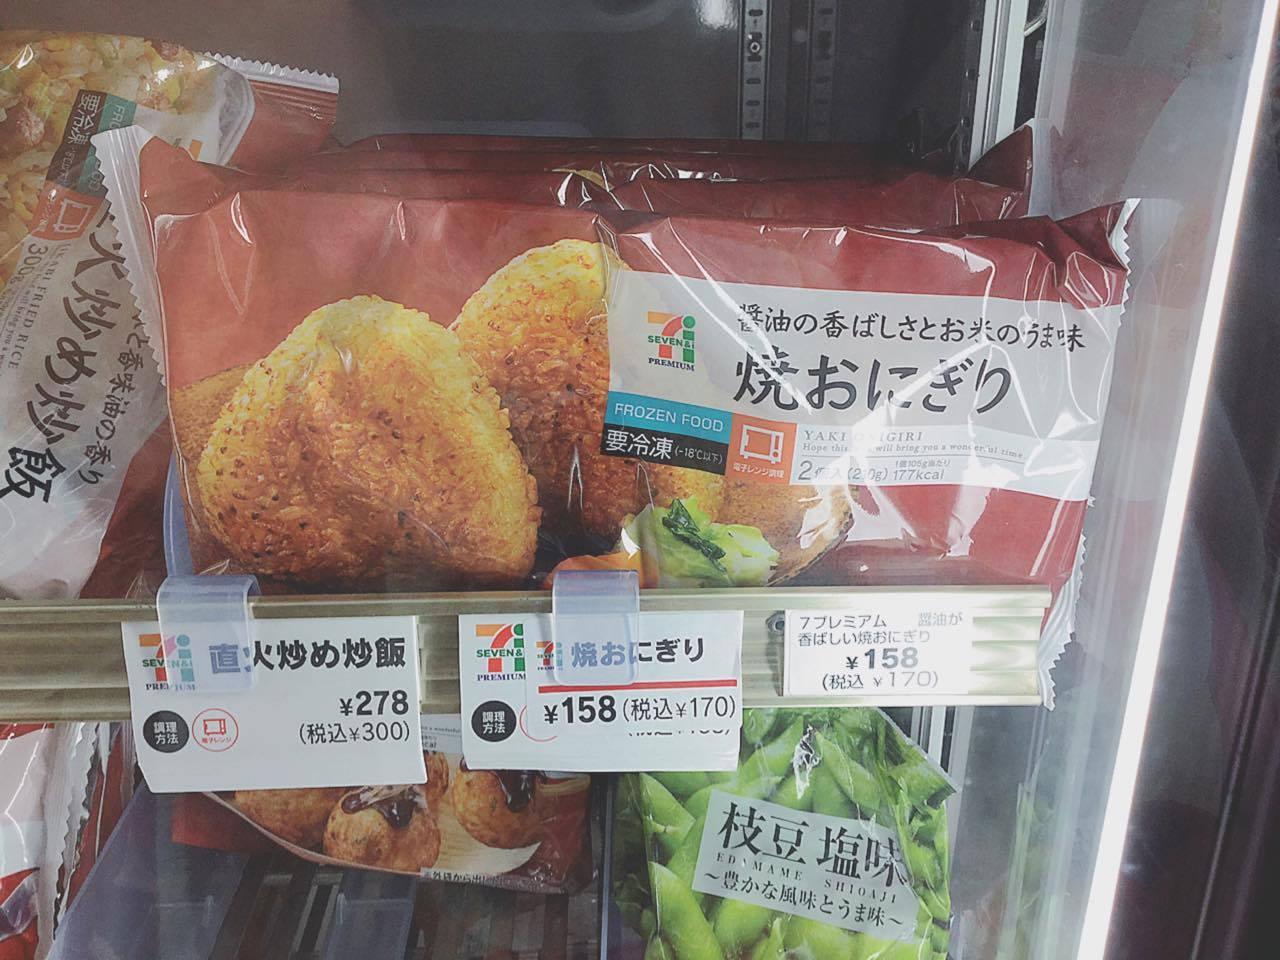 일본편의점-세븐일레븐-냉동식품1